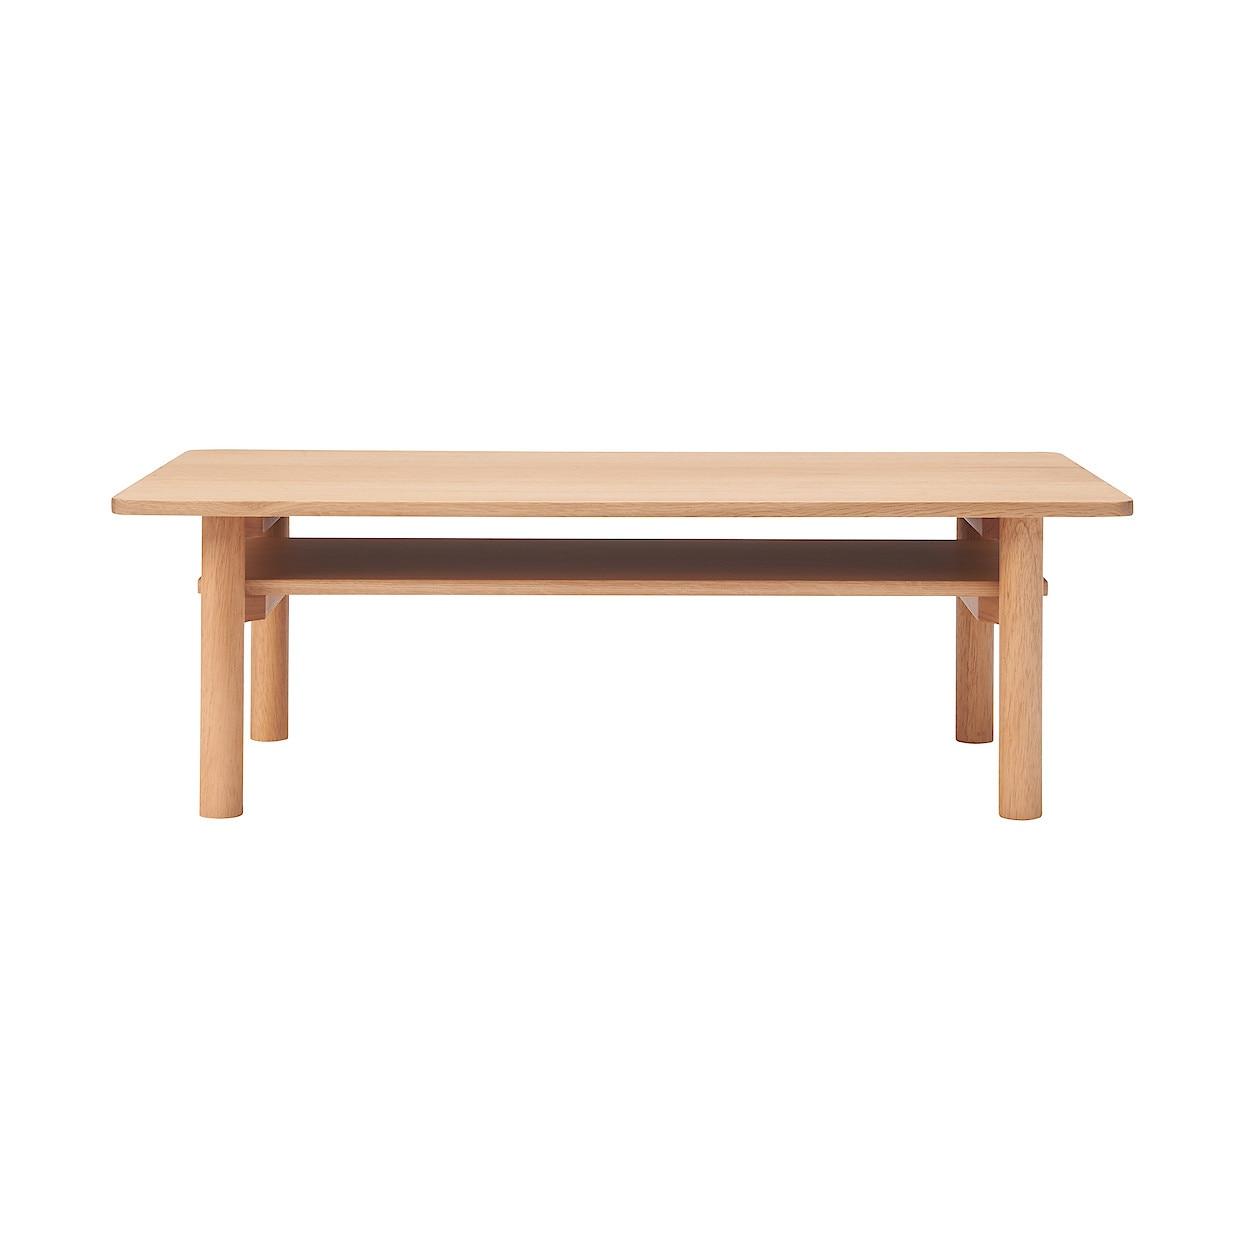 木製矮桌/橡木/高35cm 寬110x深55x高35cm   無印良品